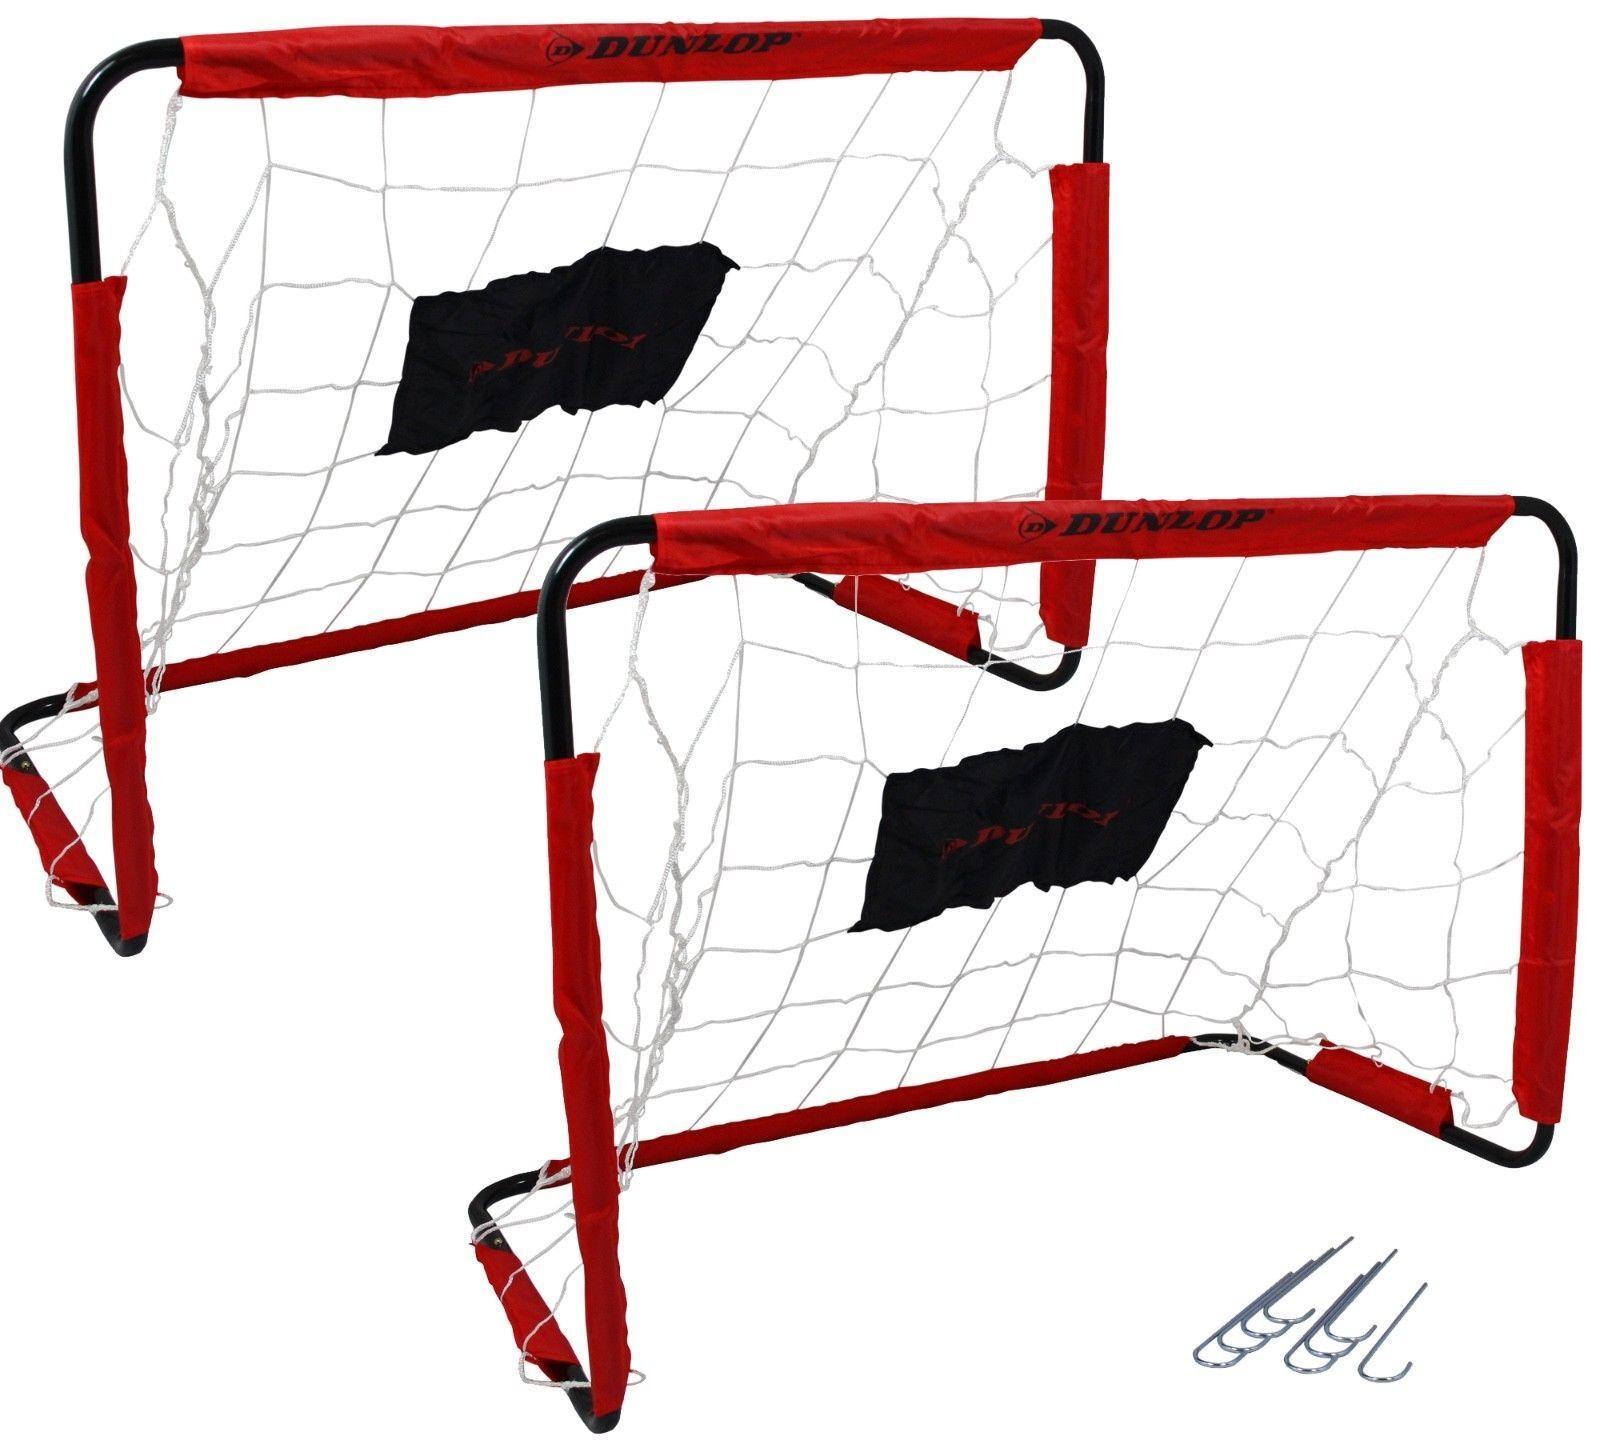 2 Stück Fussballtor Fußballtor Kinder Fussball Fußball Tor Fussballtore Dunlop